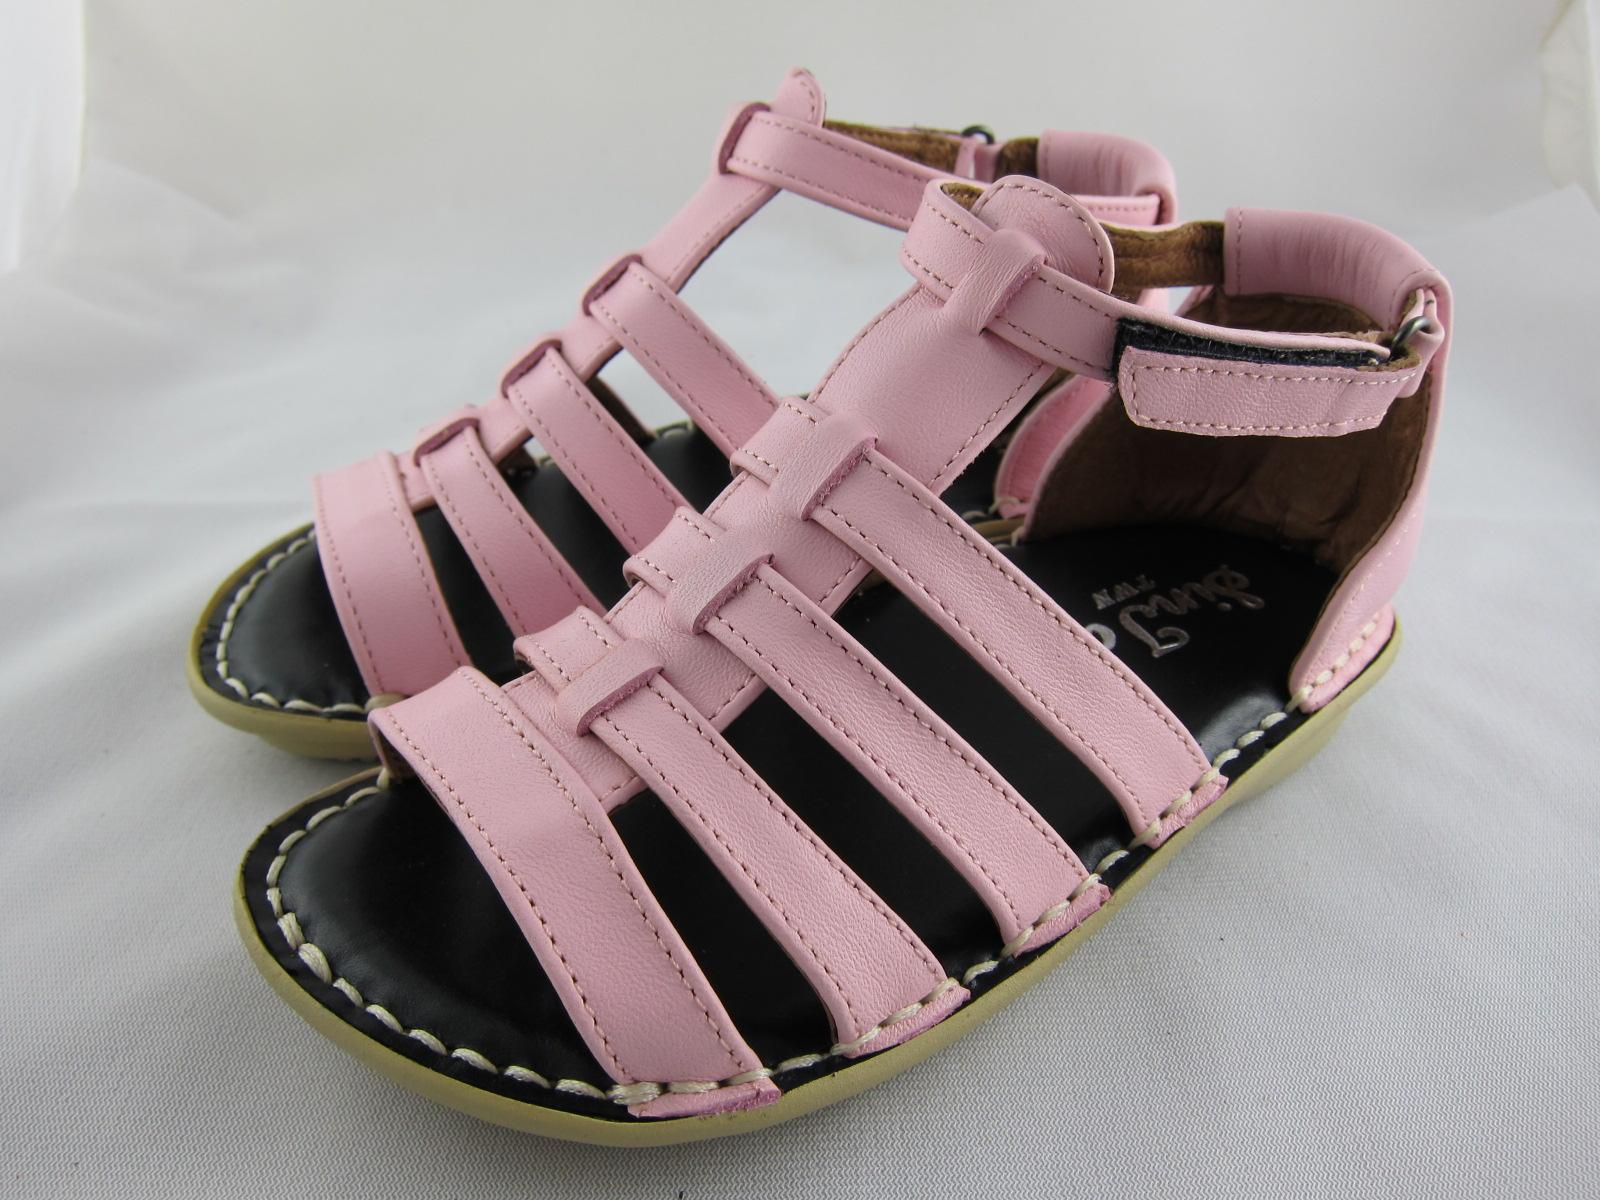 真皮工坊~比氣墊鞋好穿【P3001F】㊣牛皮真皮手工鞋兒童涼鞋【顏色多種可自選、顏色挑選請參考首頁】